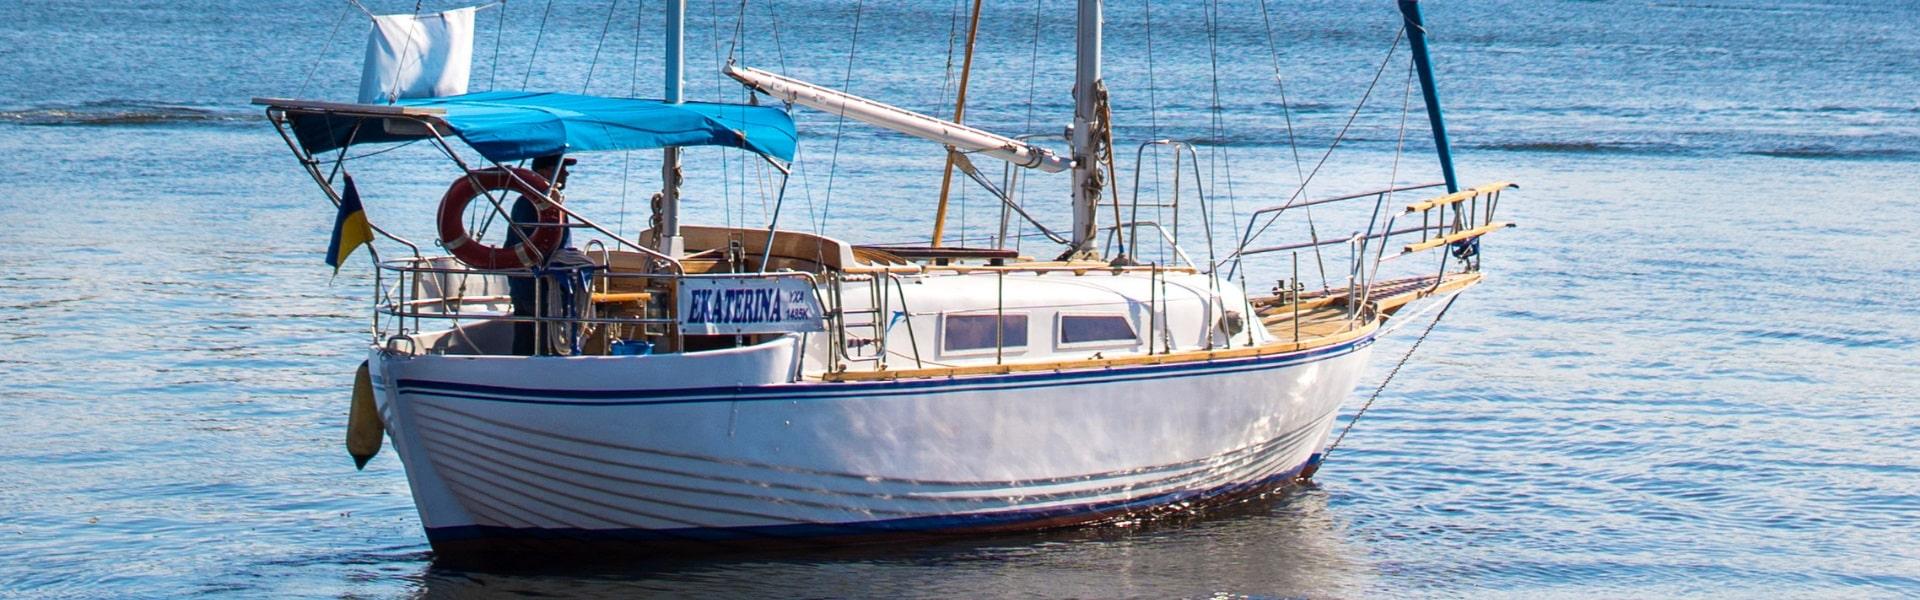 Аренда яхты «Екатерина» в Херсоне